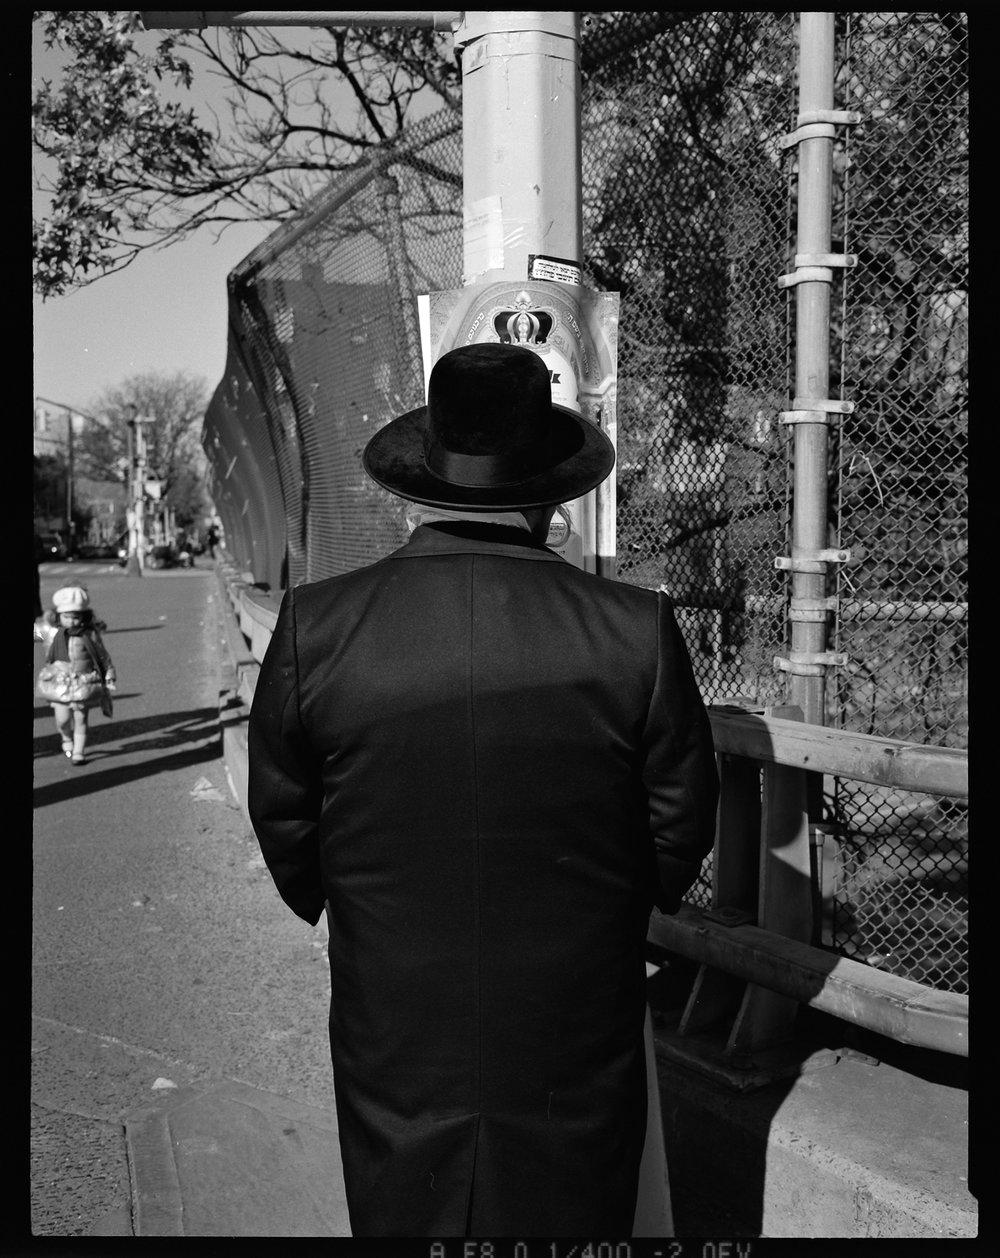 Brooklyn / 120 / Travel